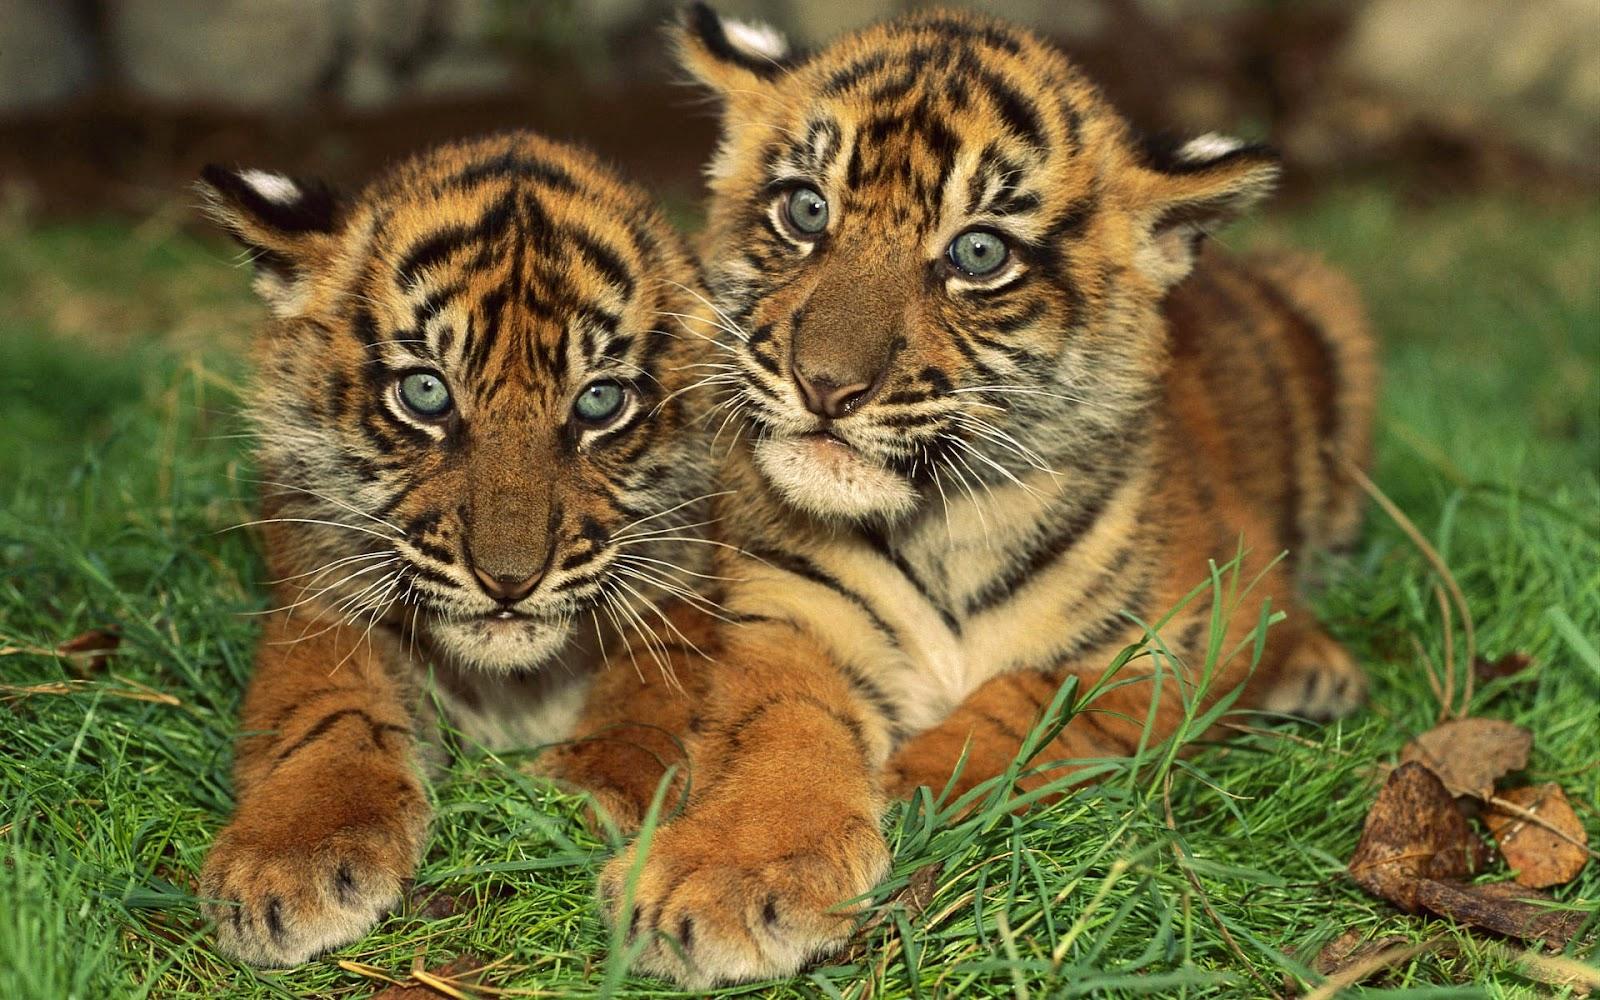 imagenes de animales de africa - Hermosas imágenes de animales salvajes a contraluz